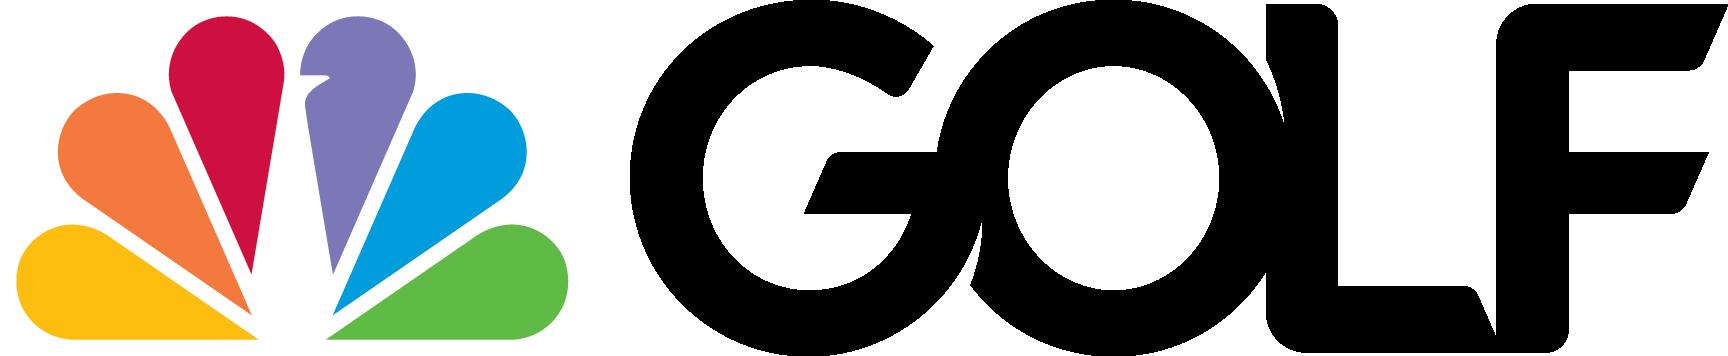 d5007f76f Valspar Championship 2019 Leaderboard